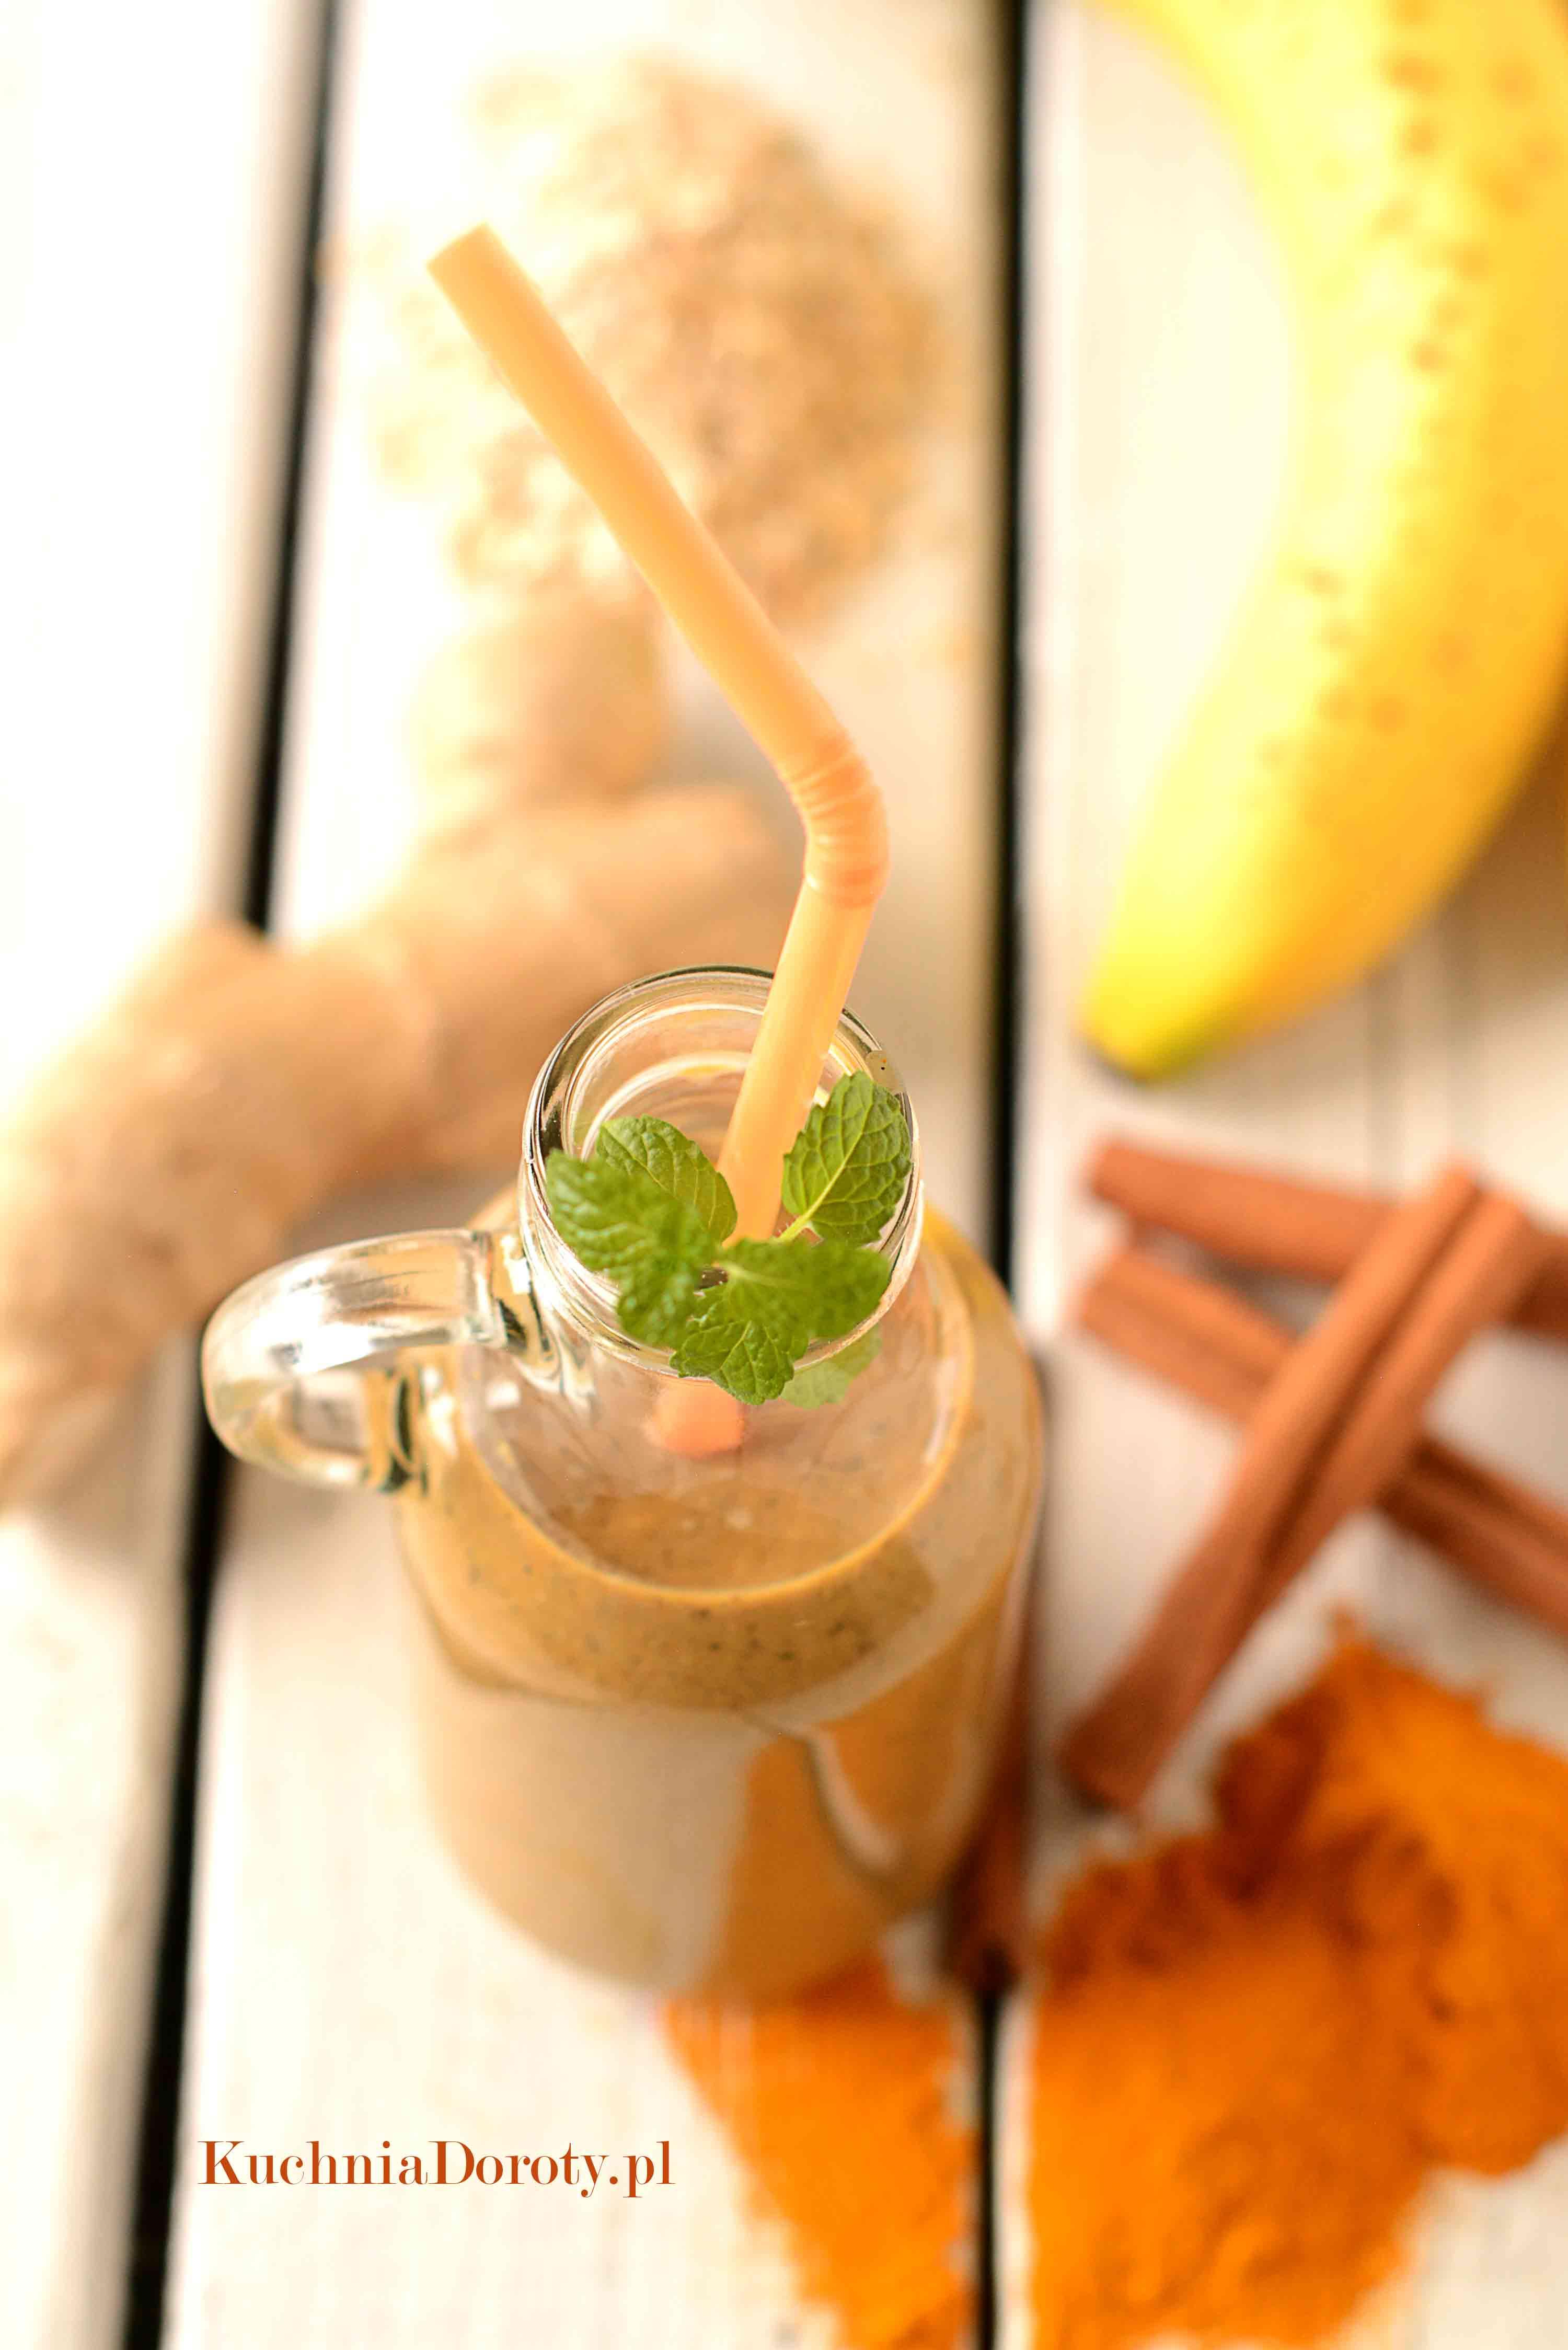 koktajl, koktajl, koktajl owocowy, jak zrobić koktajl owocowy, napoje na lato, koktajle pomysły, koktajle, koktajl bez cukru, detoks, dieta,  przepisy dietetyczne, dieta przepisy,  kawa, kawa inka, kawa inka przepisy